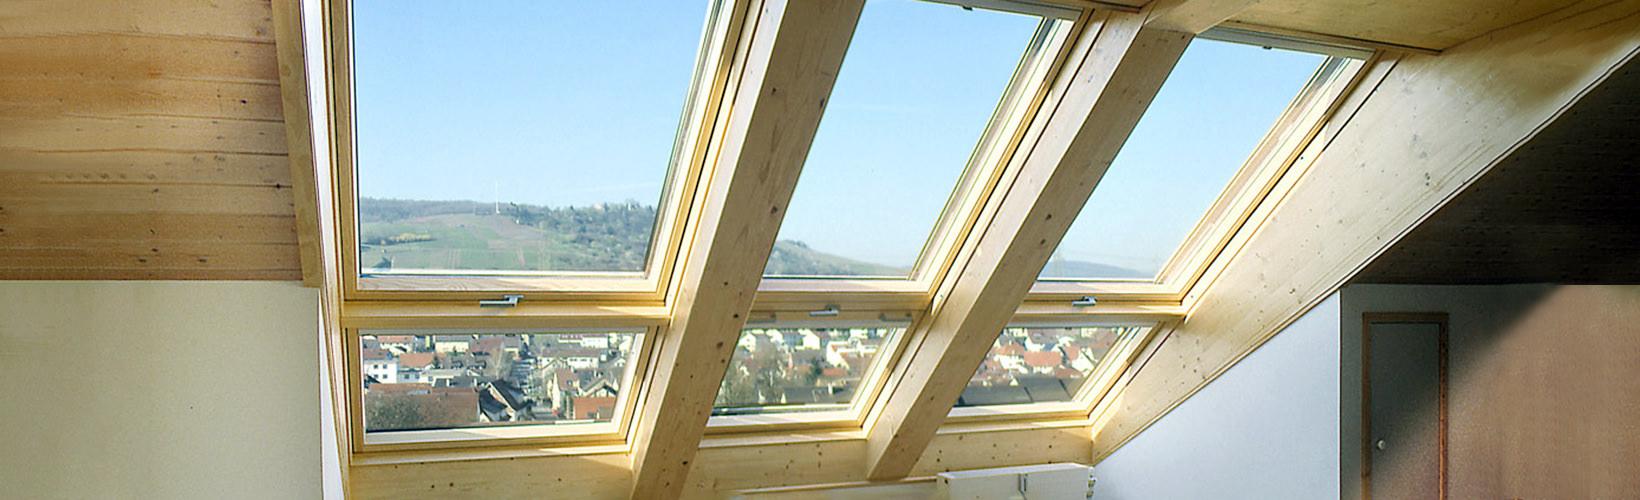 Dreigeteiltes Dachfenster mit Blick auf Dorf und Weinberge